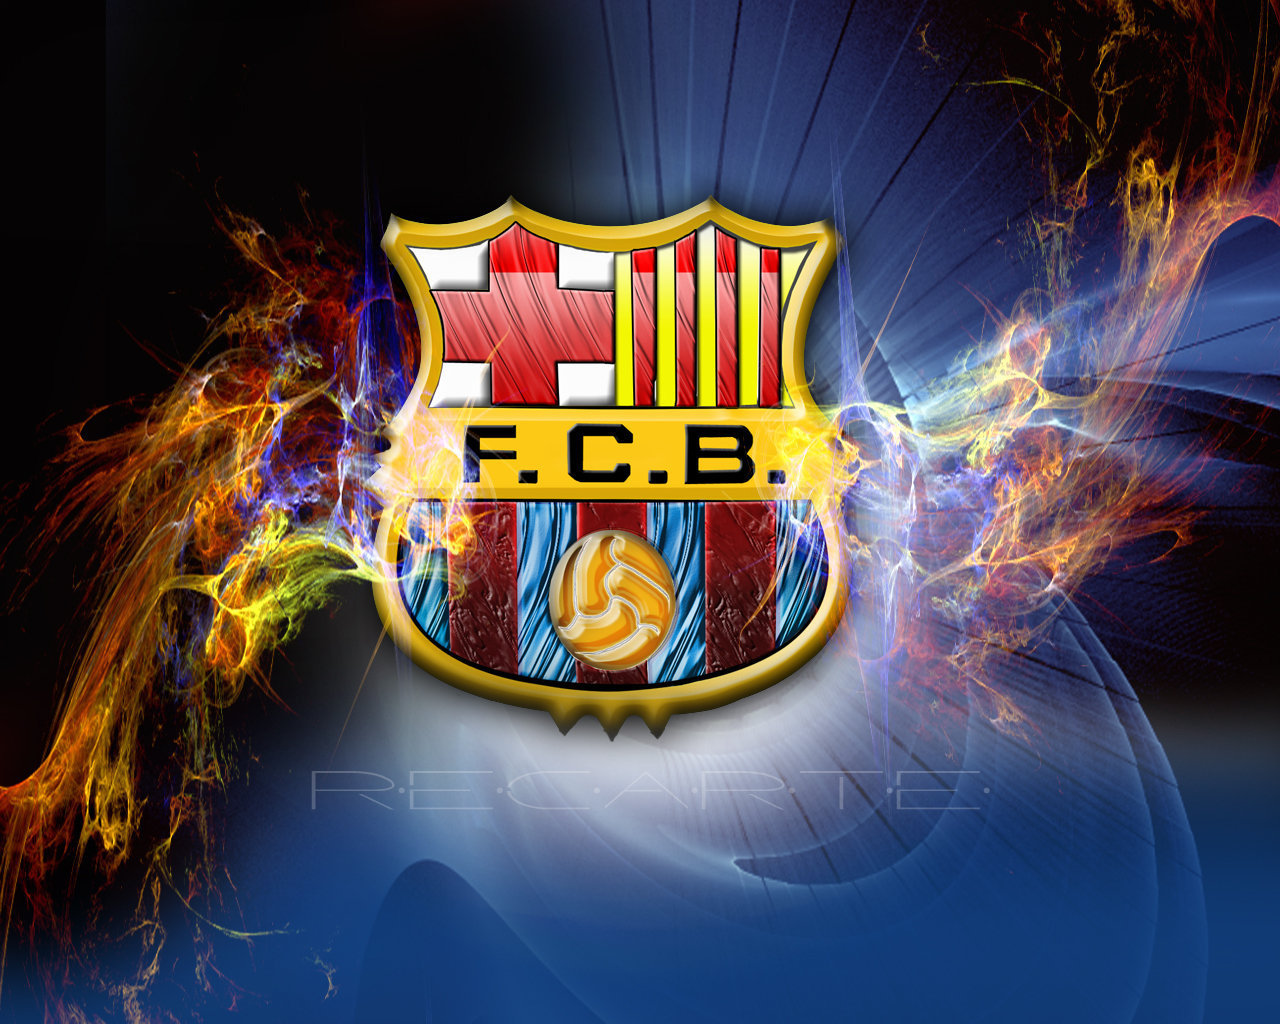 fc fc voltagebd Images